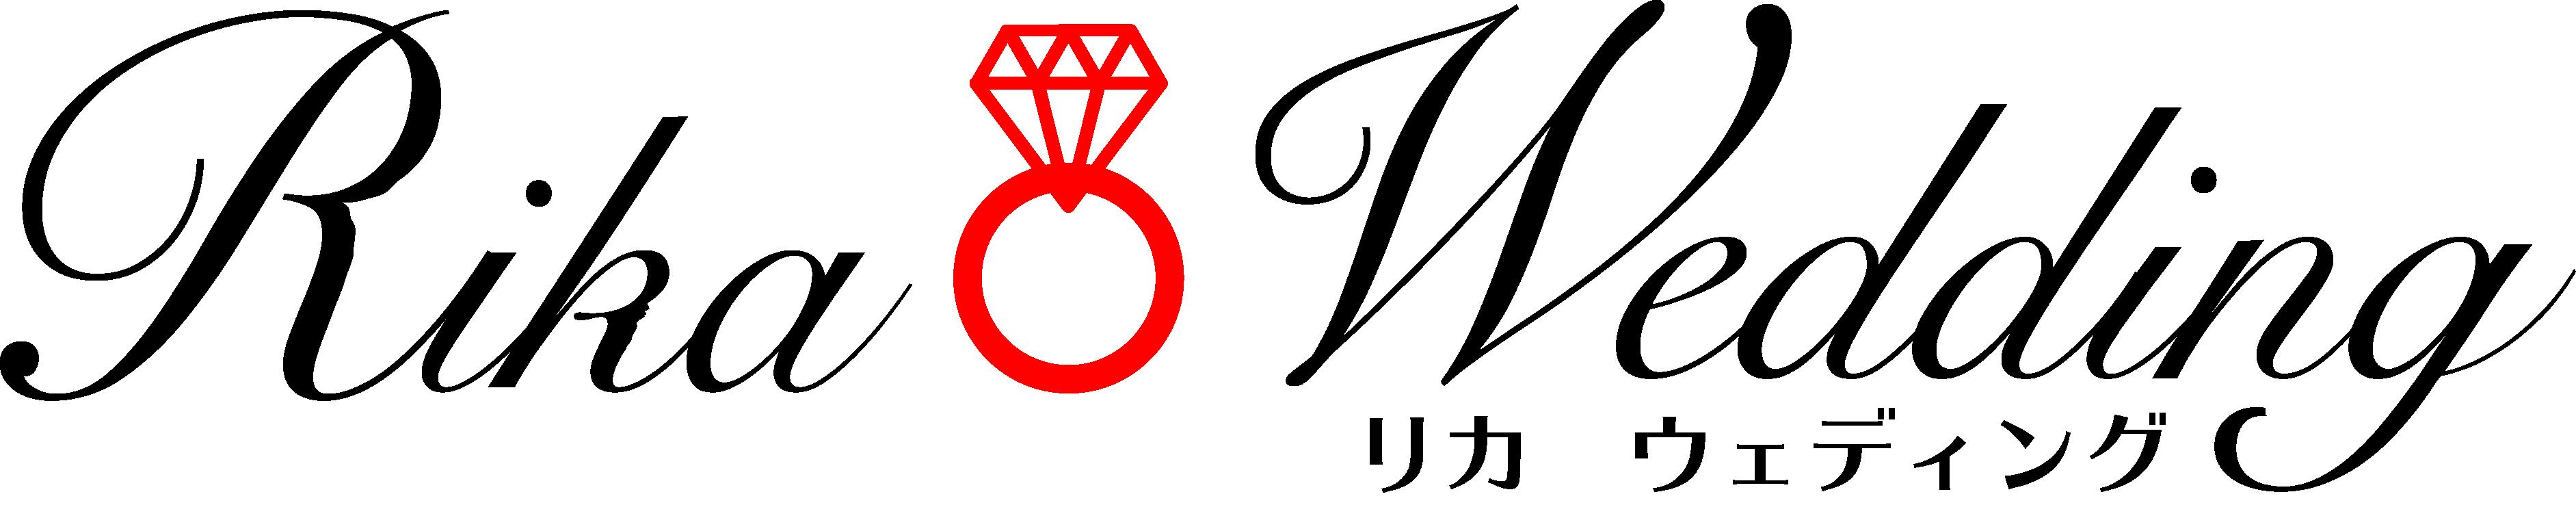 大人の結婚・再婚のプロデュース【リカウェディング】